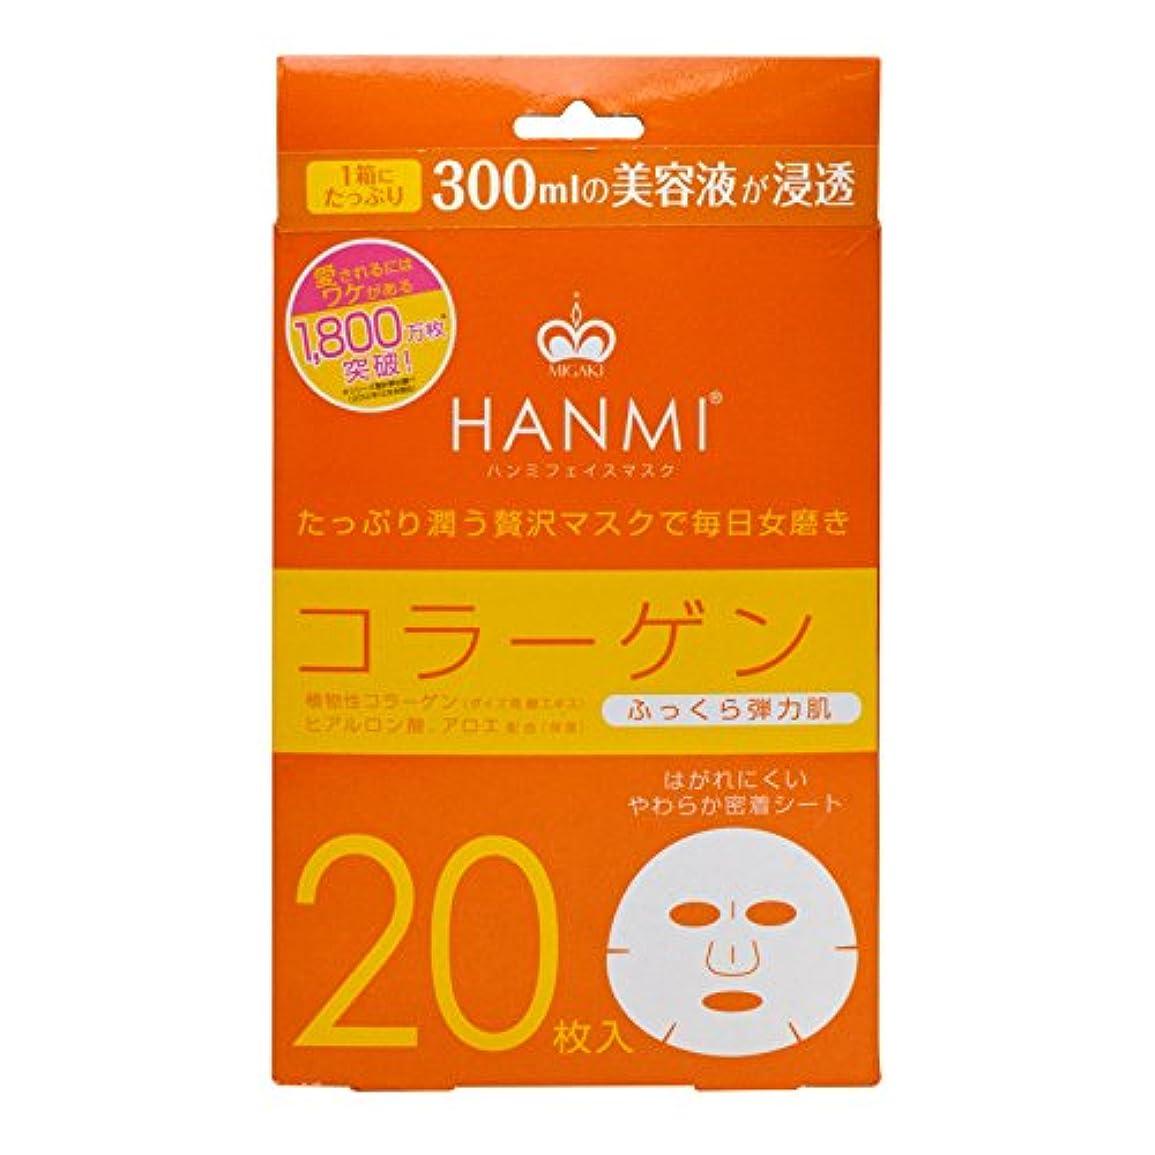 マイクロ仕事に行く家禽MIGAKI ハンミフェイスマスク コラーゲン 20枚入り